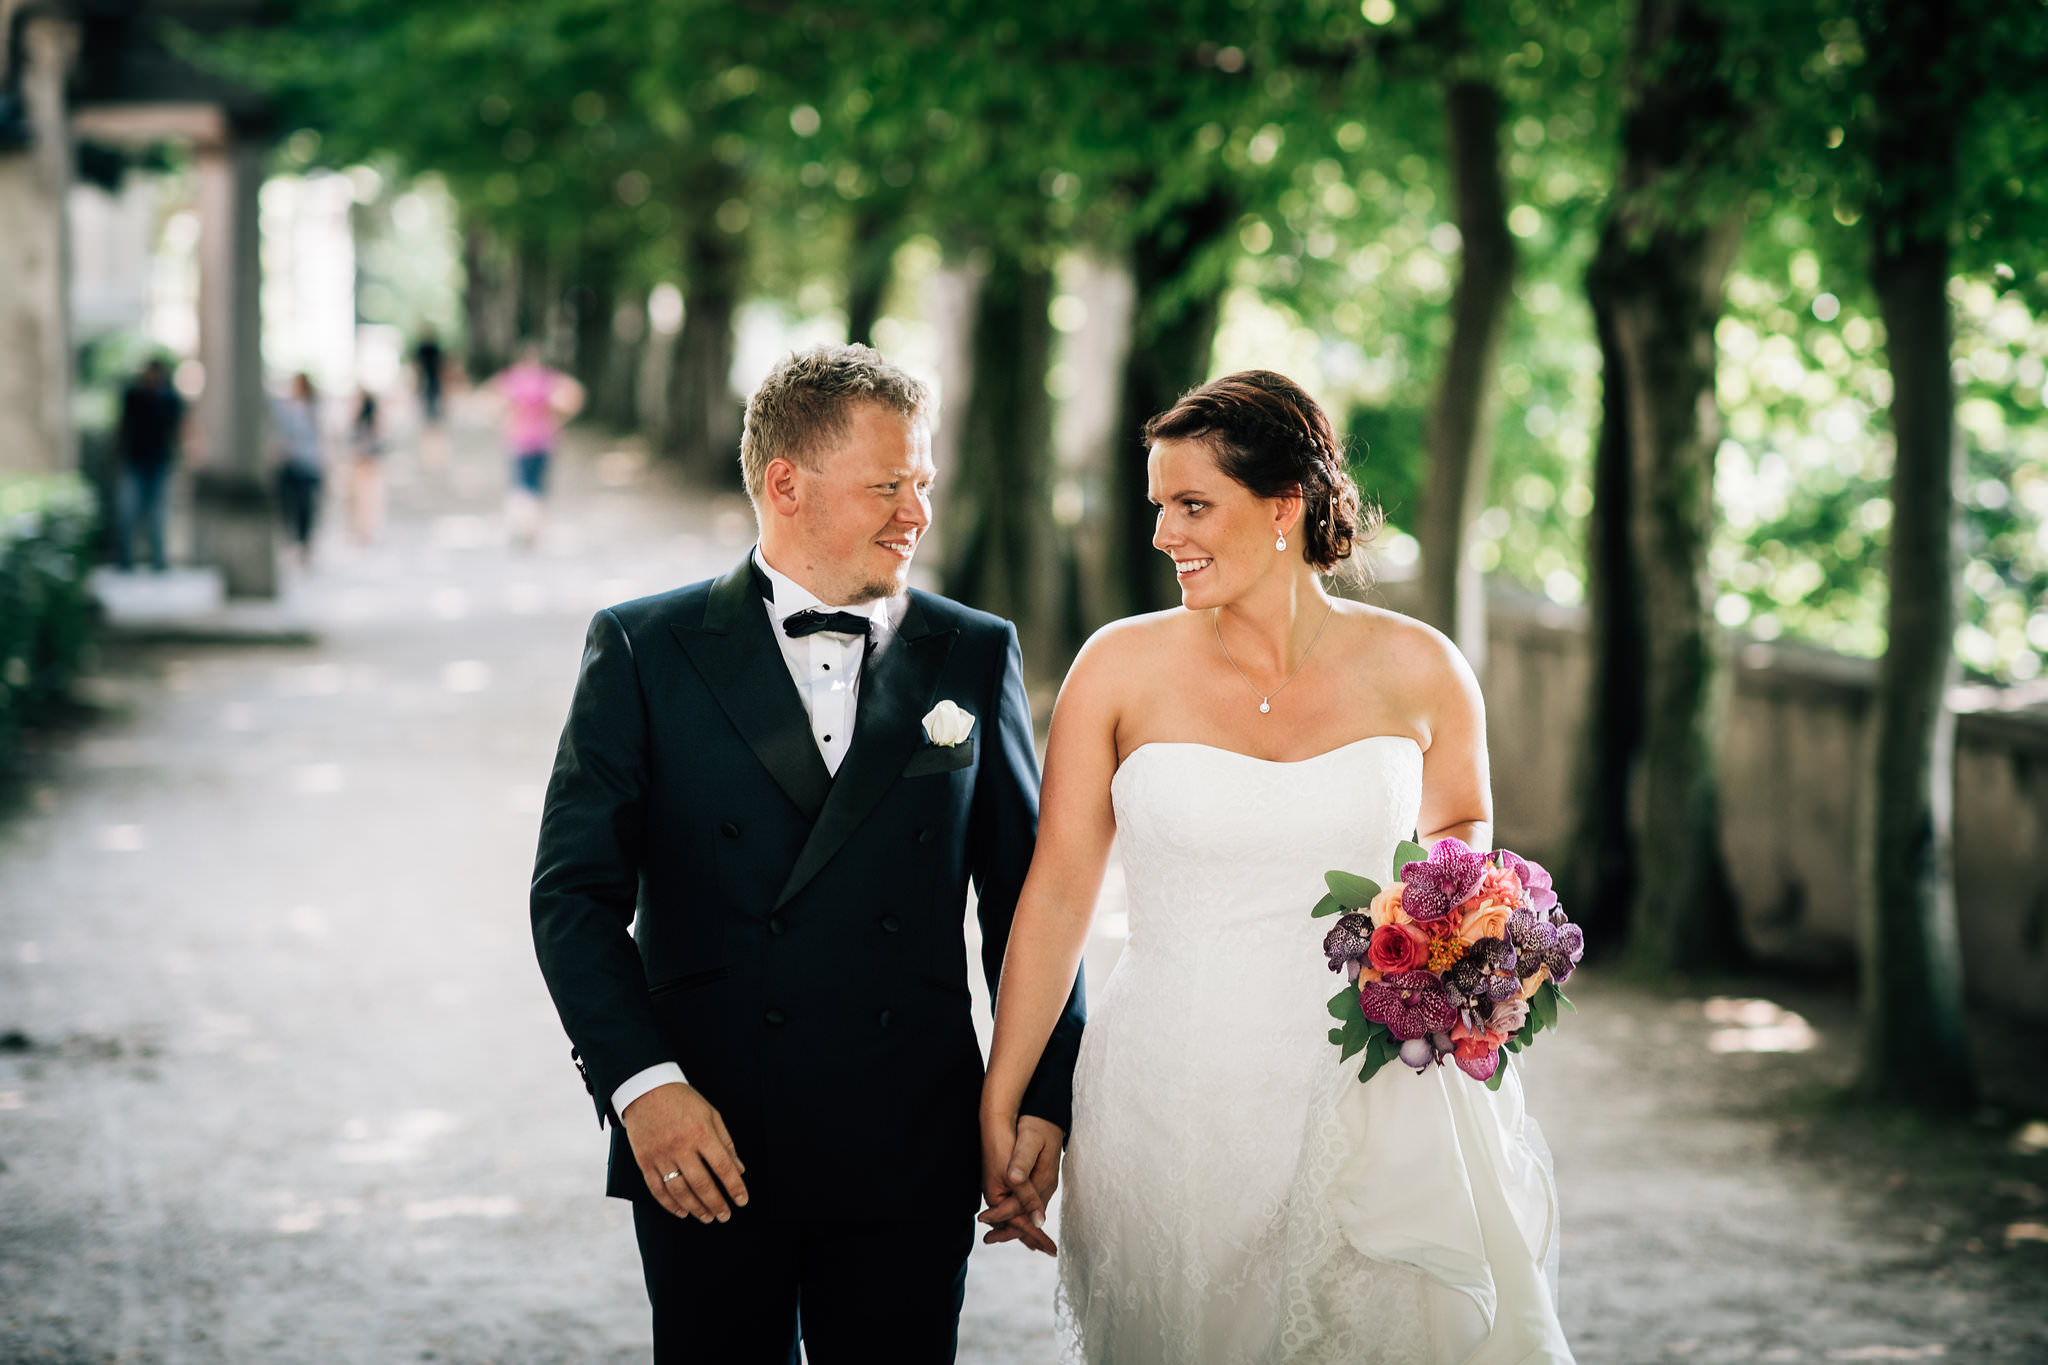 _N855010-fotograf-italia-bryllup.jpg